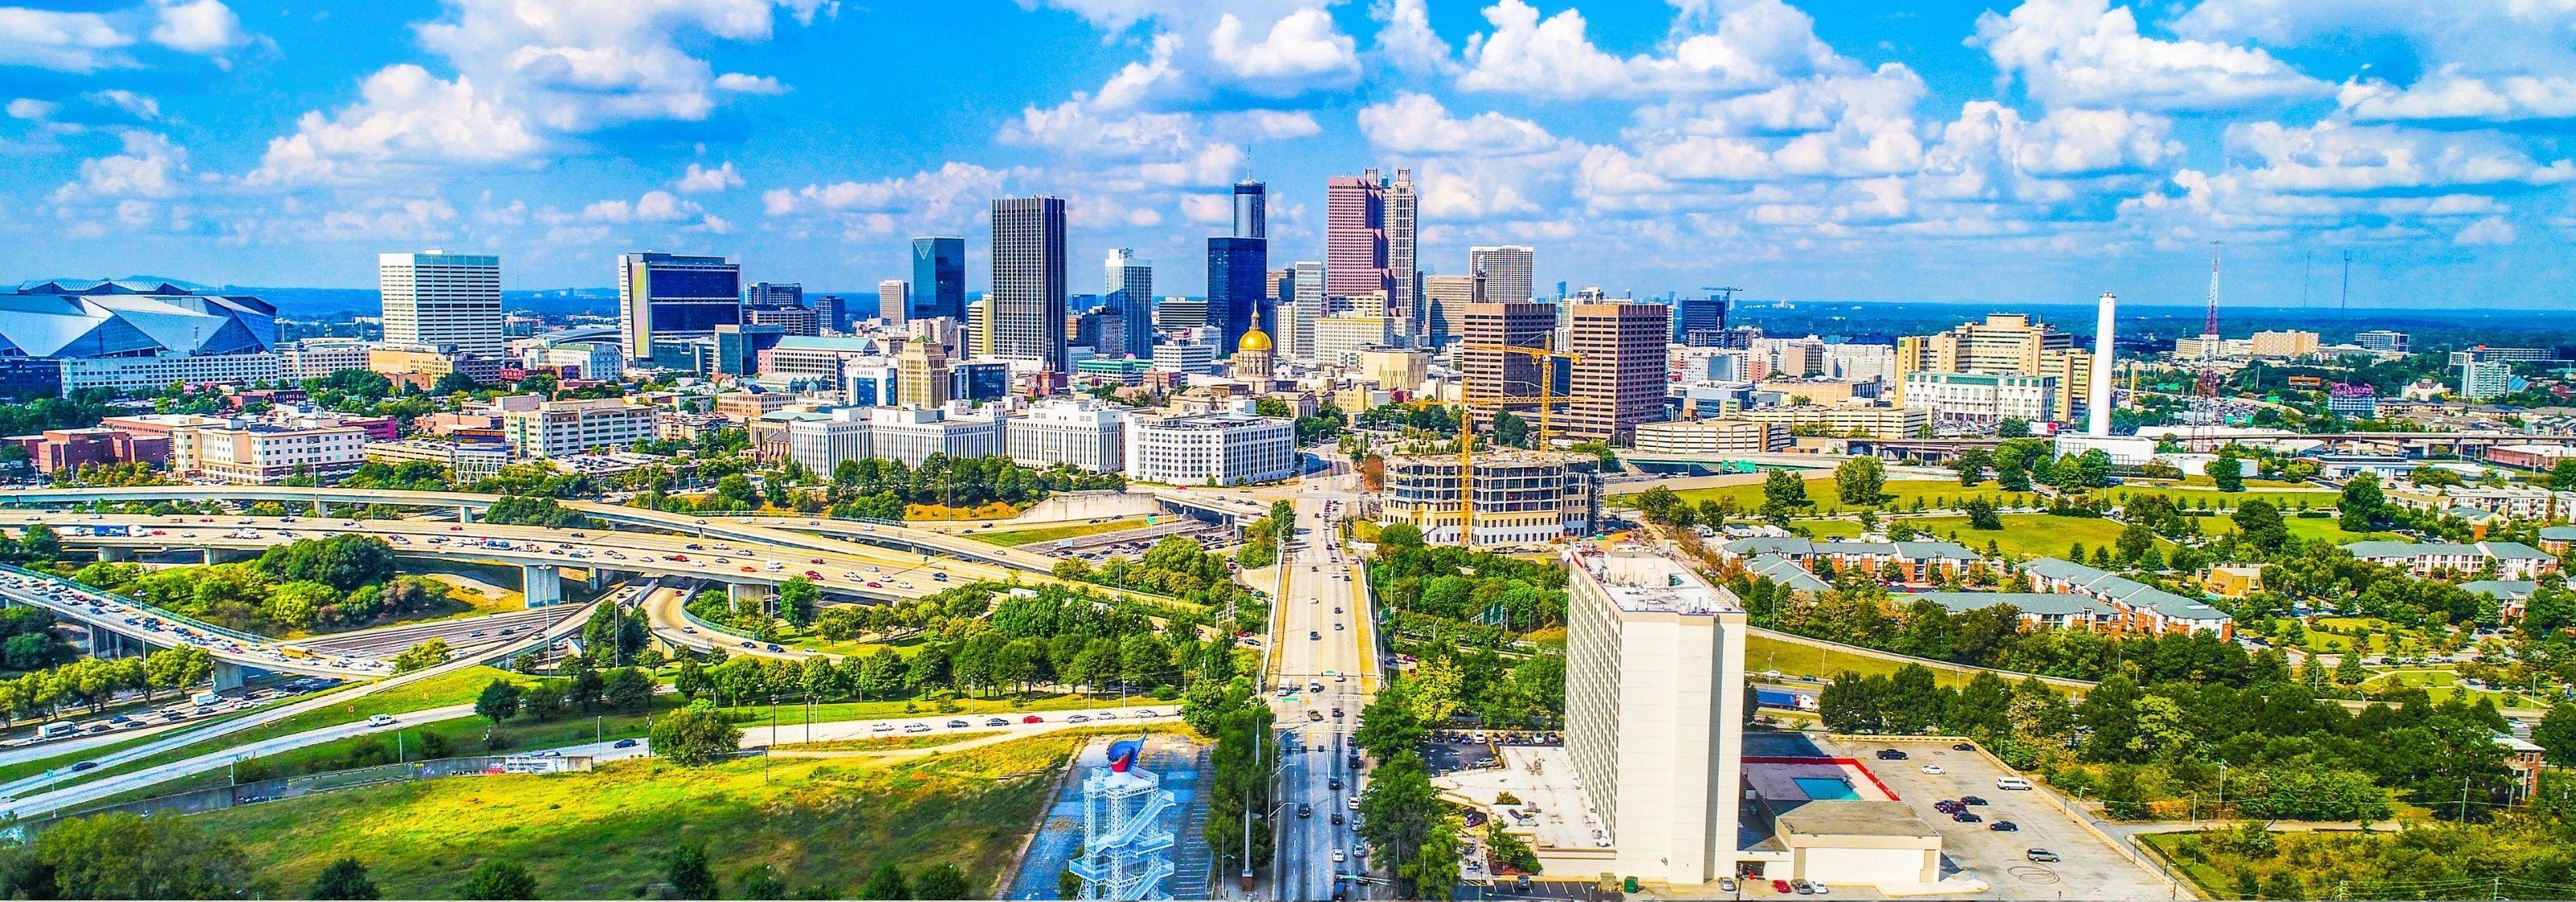 Choses à faire à Atlanta